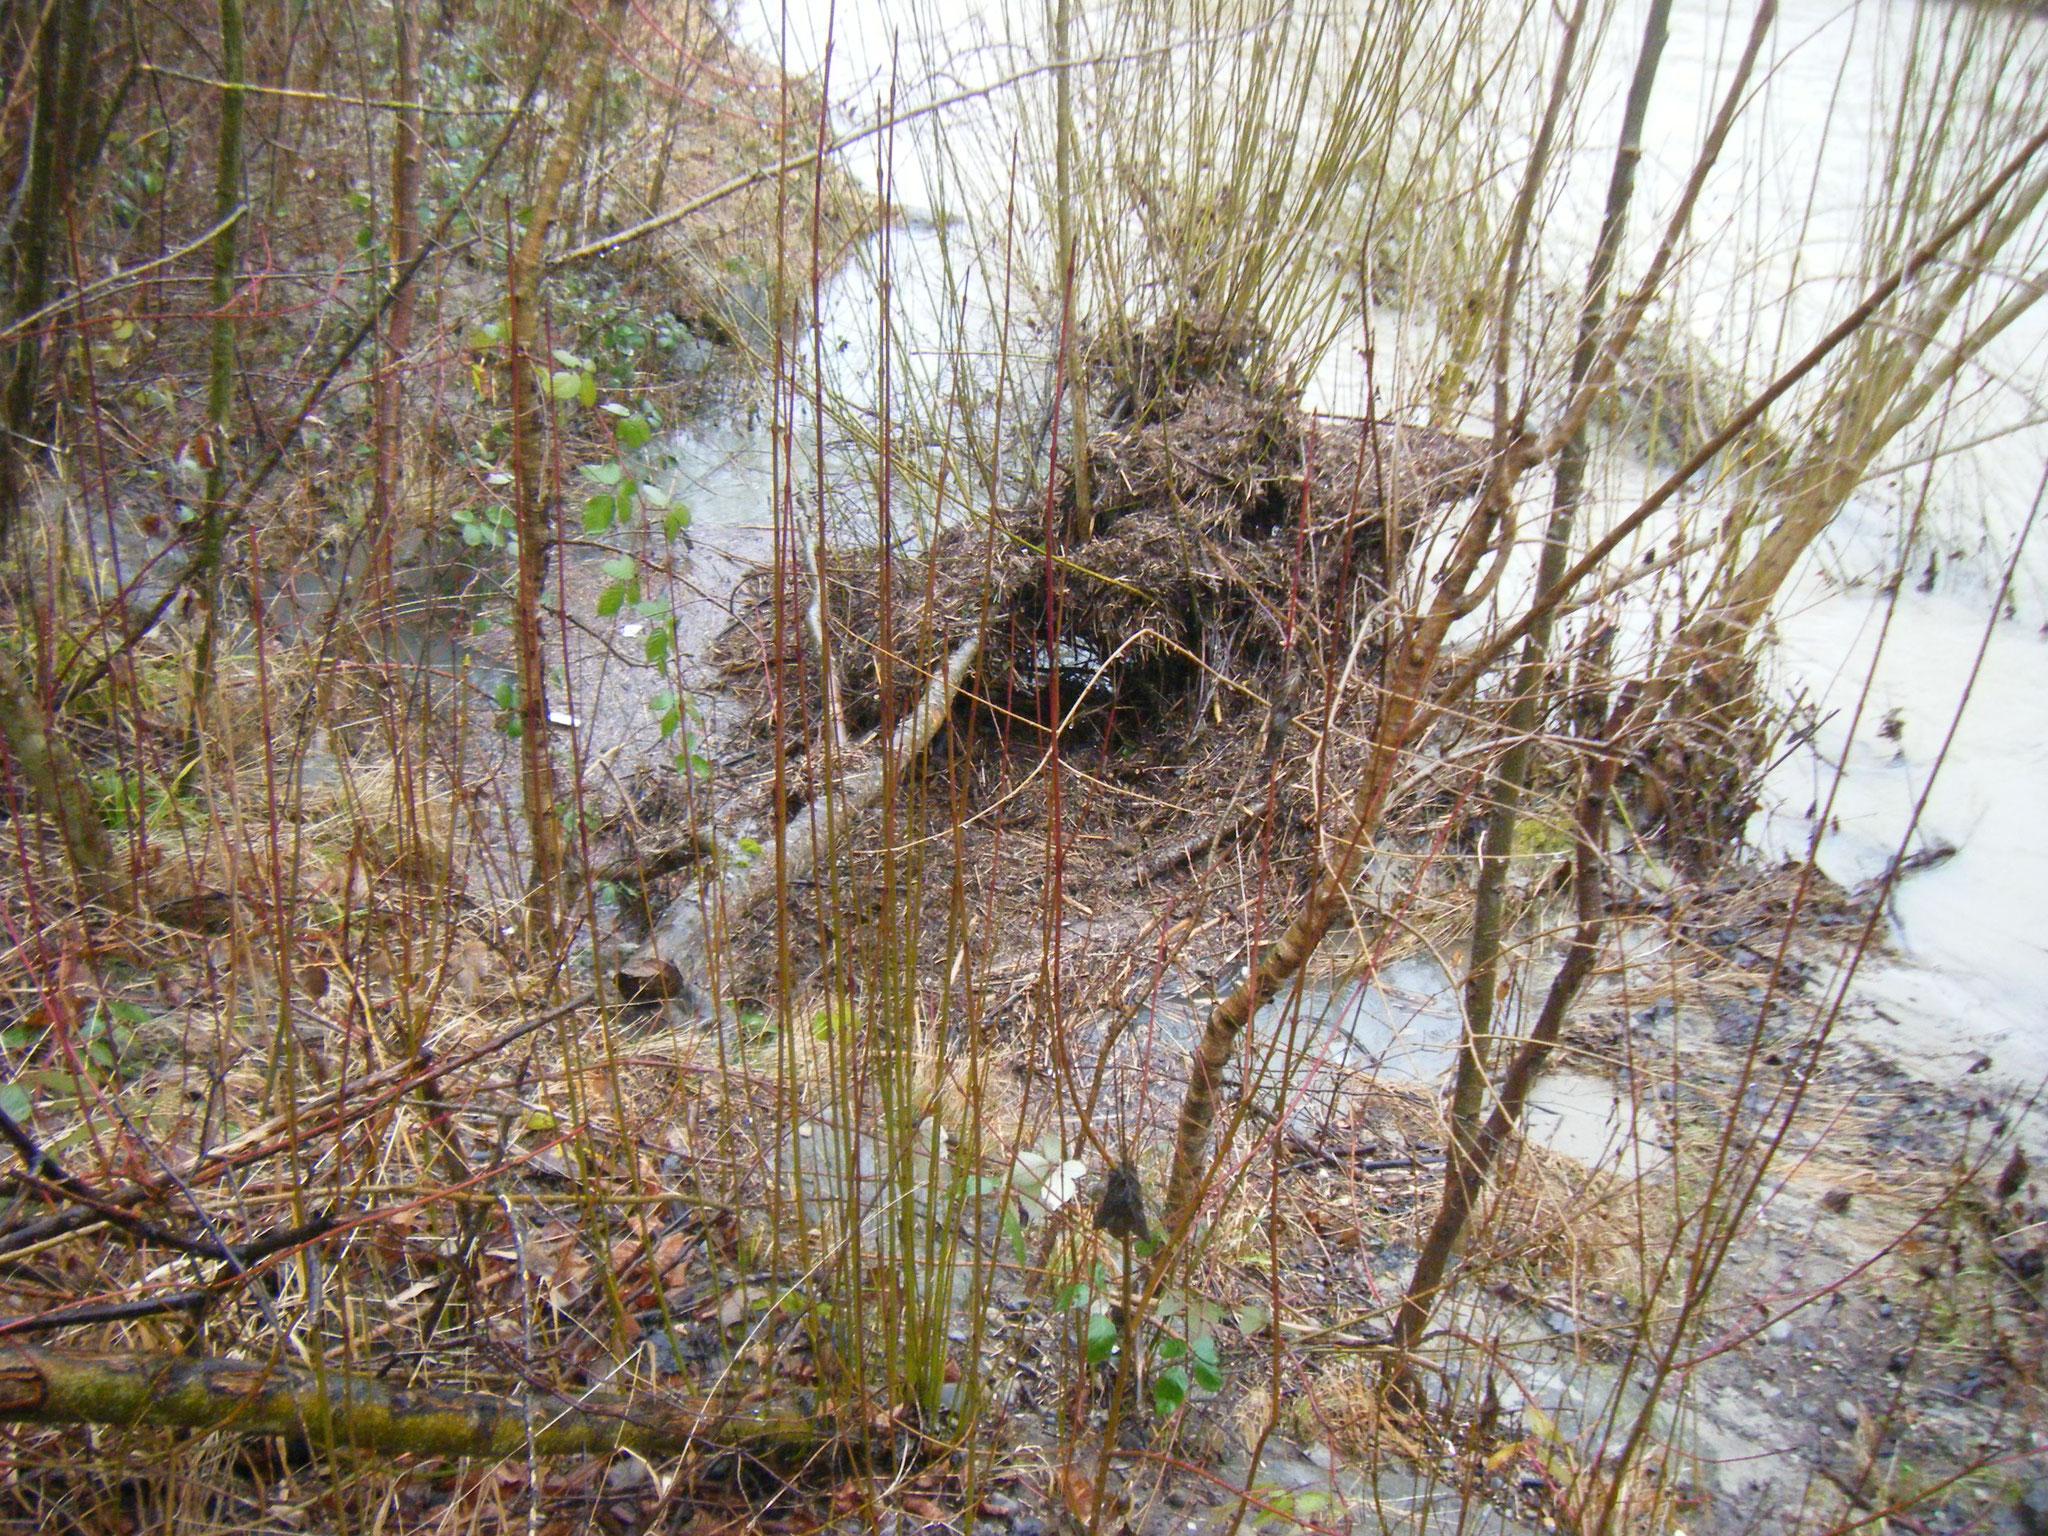 Der Zusammenfluss von Allmannsweiler Bach und Rotach ist verschlammt und von Plastik durchsetzt. Der Biberbau ist nur noch bruchstückhaft zu erkennen.